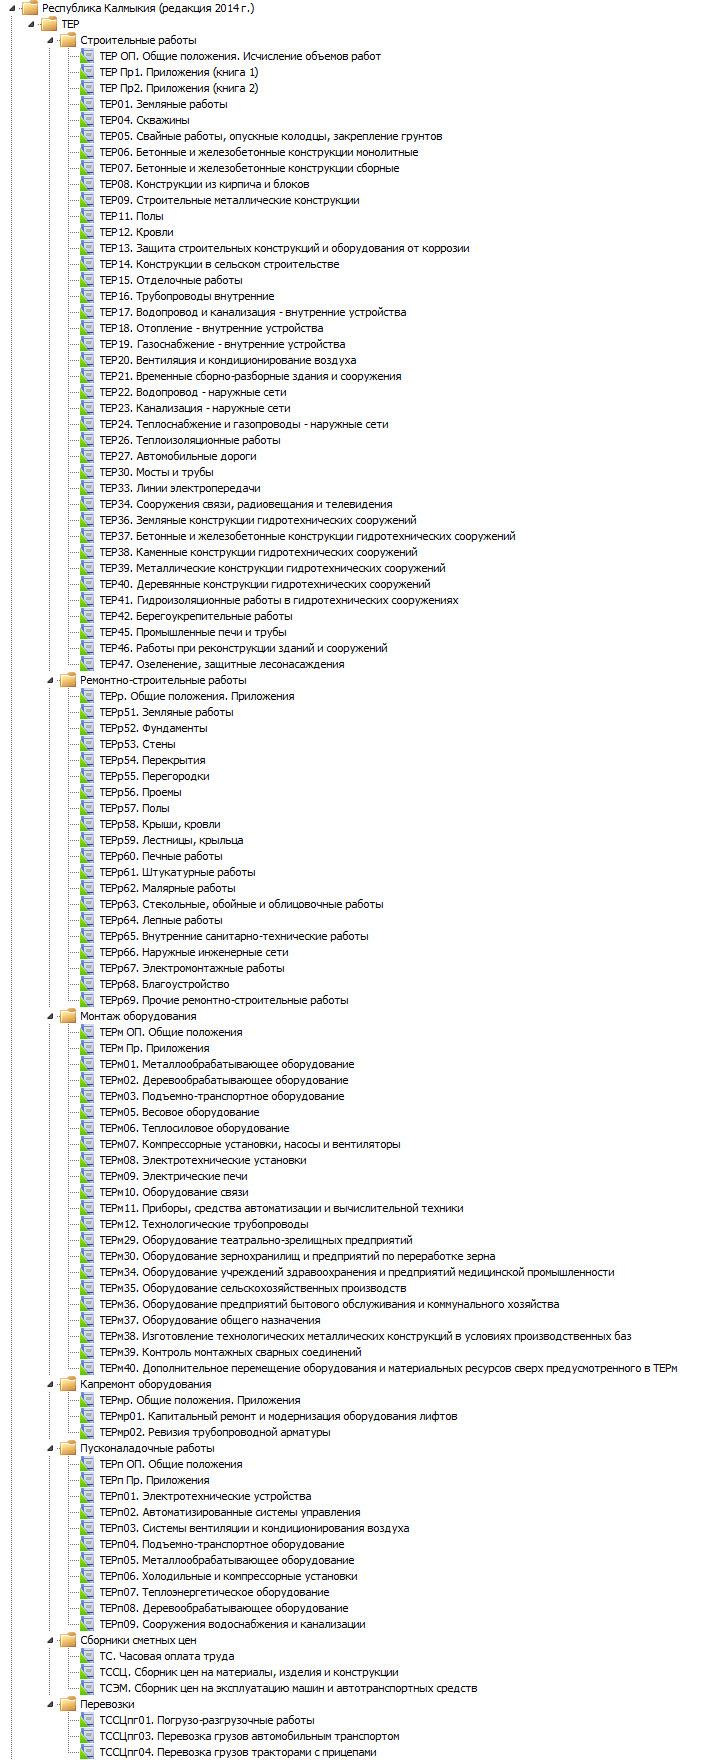 ТЕР-2001 в ред. 2014г.  Республика Калмыкия